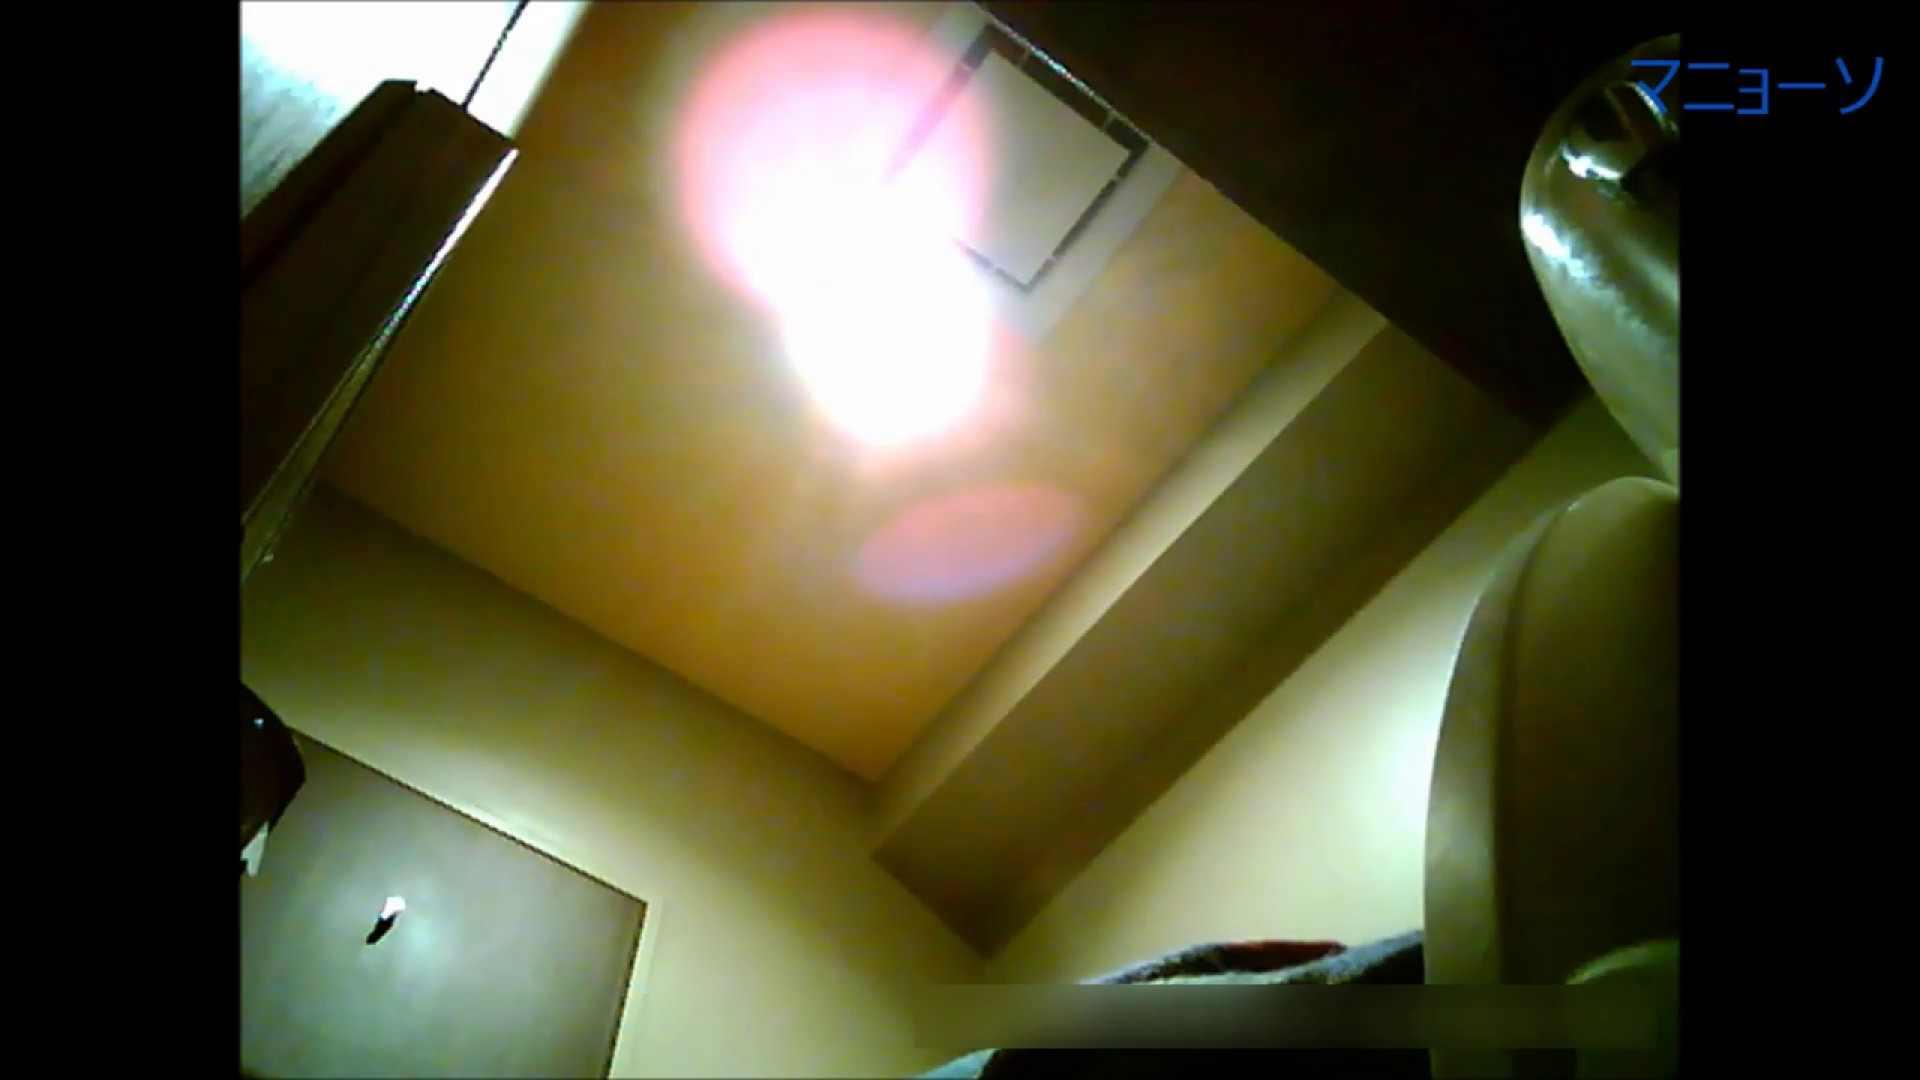 トイレでひと肌脱いでもらいました (JD編)Vol.02 トイレで・・・   ギャルズ  83画像 36